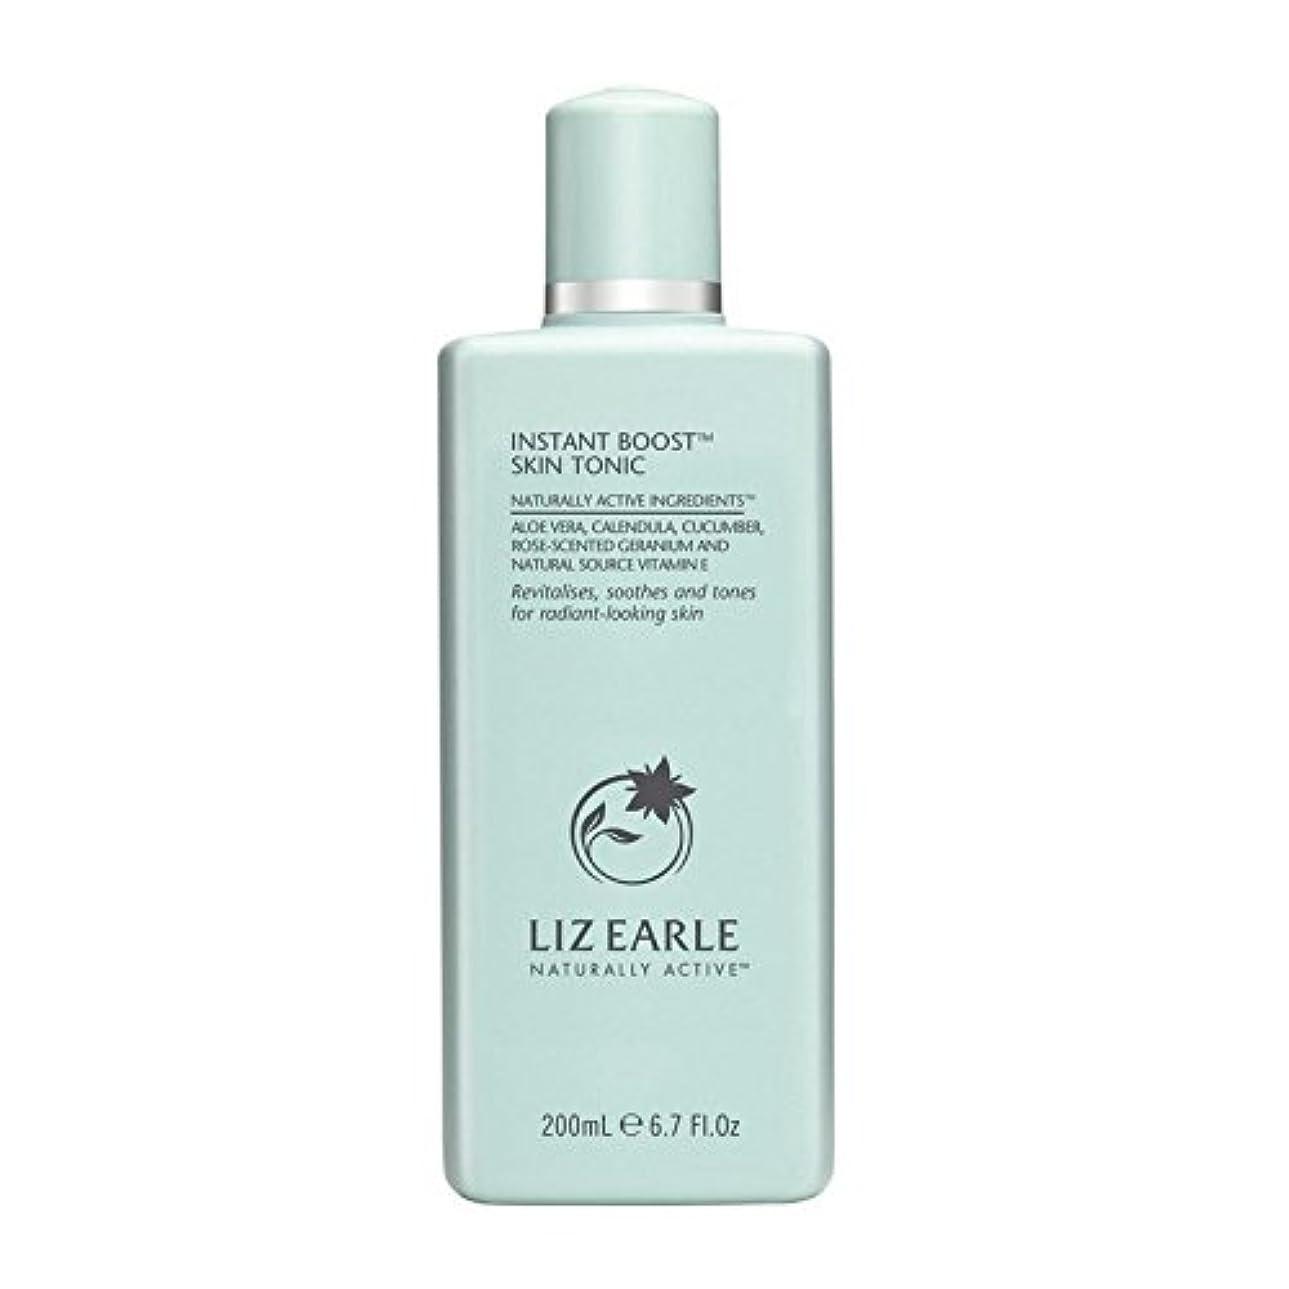 近似トランジスタ事業内容リズアールインスタントブーストスキントニックボトル200ミリリットル x4 - Liz Earle Instant Boost Skin Tonic Bottle 200ml (Pack of 4) [並行輸入品]